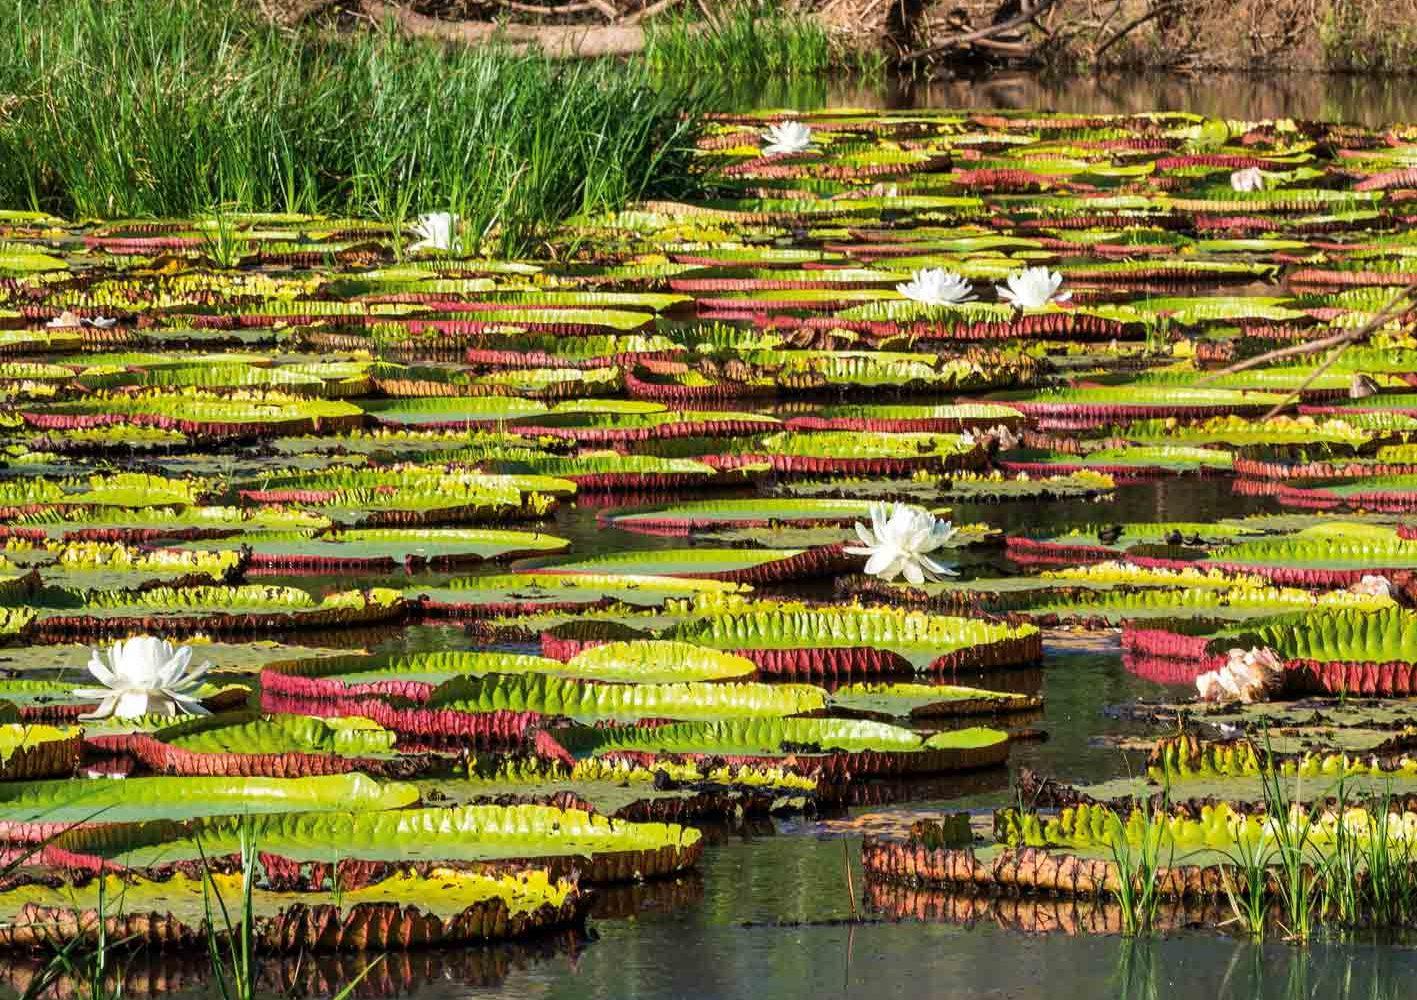 Victoria amazonica - die Amazonas-Riesenseerose finden wir in Guyana